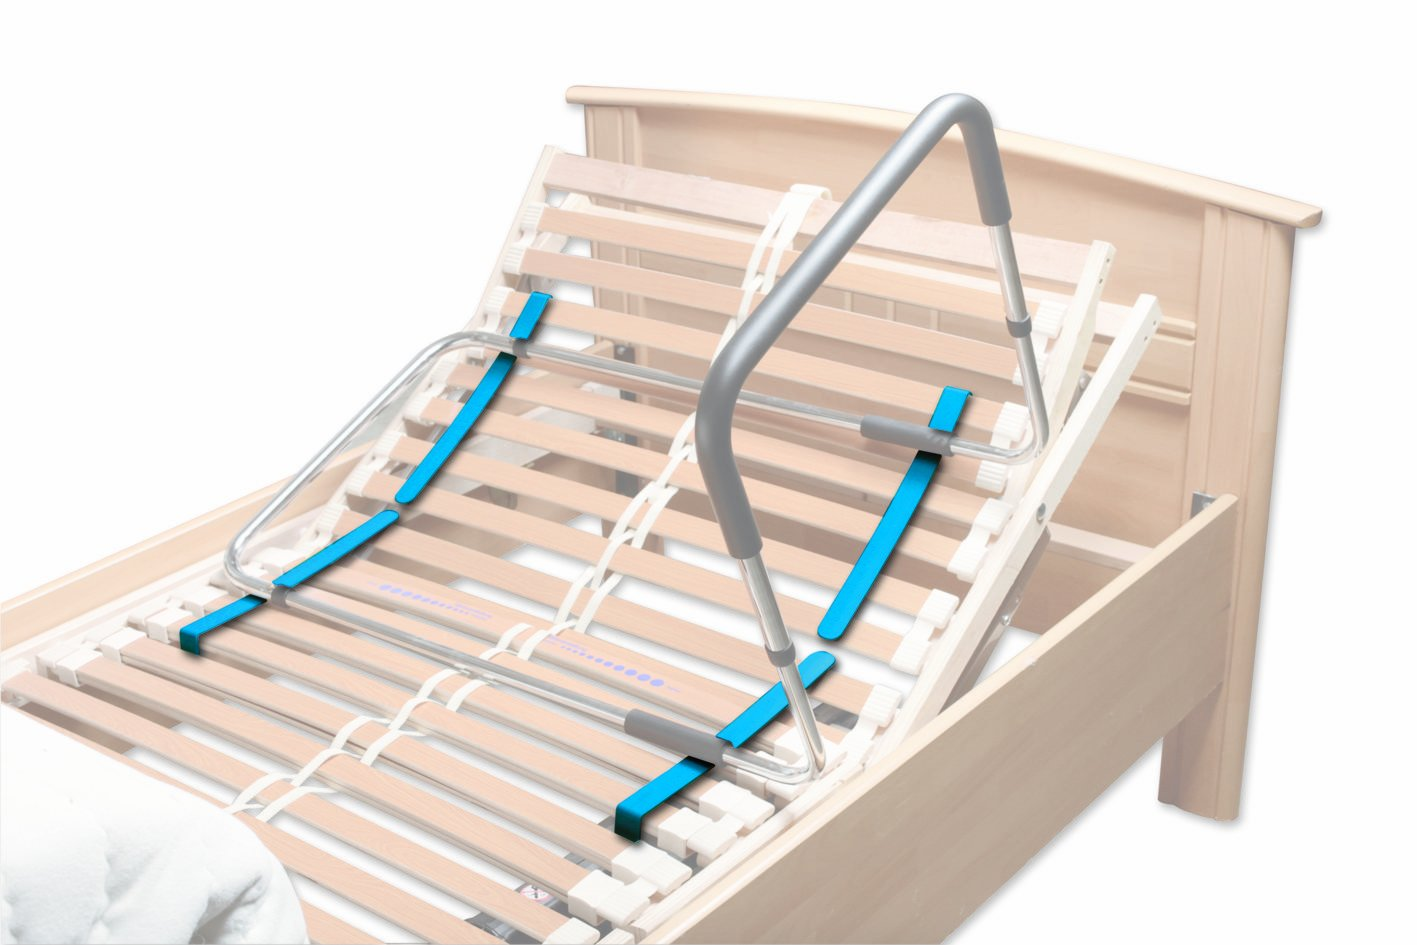 Aufstehhilfe und Bettgriff höhenverstellbar, Ideal für Rahmenbetten ...